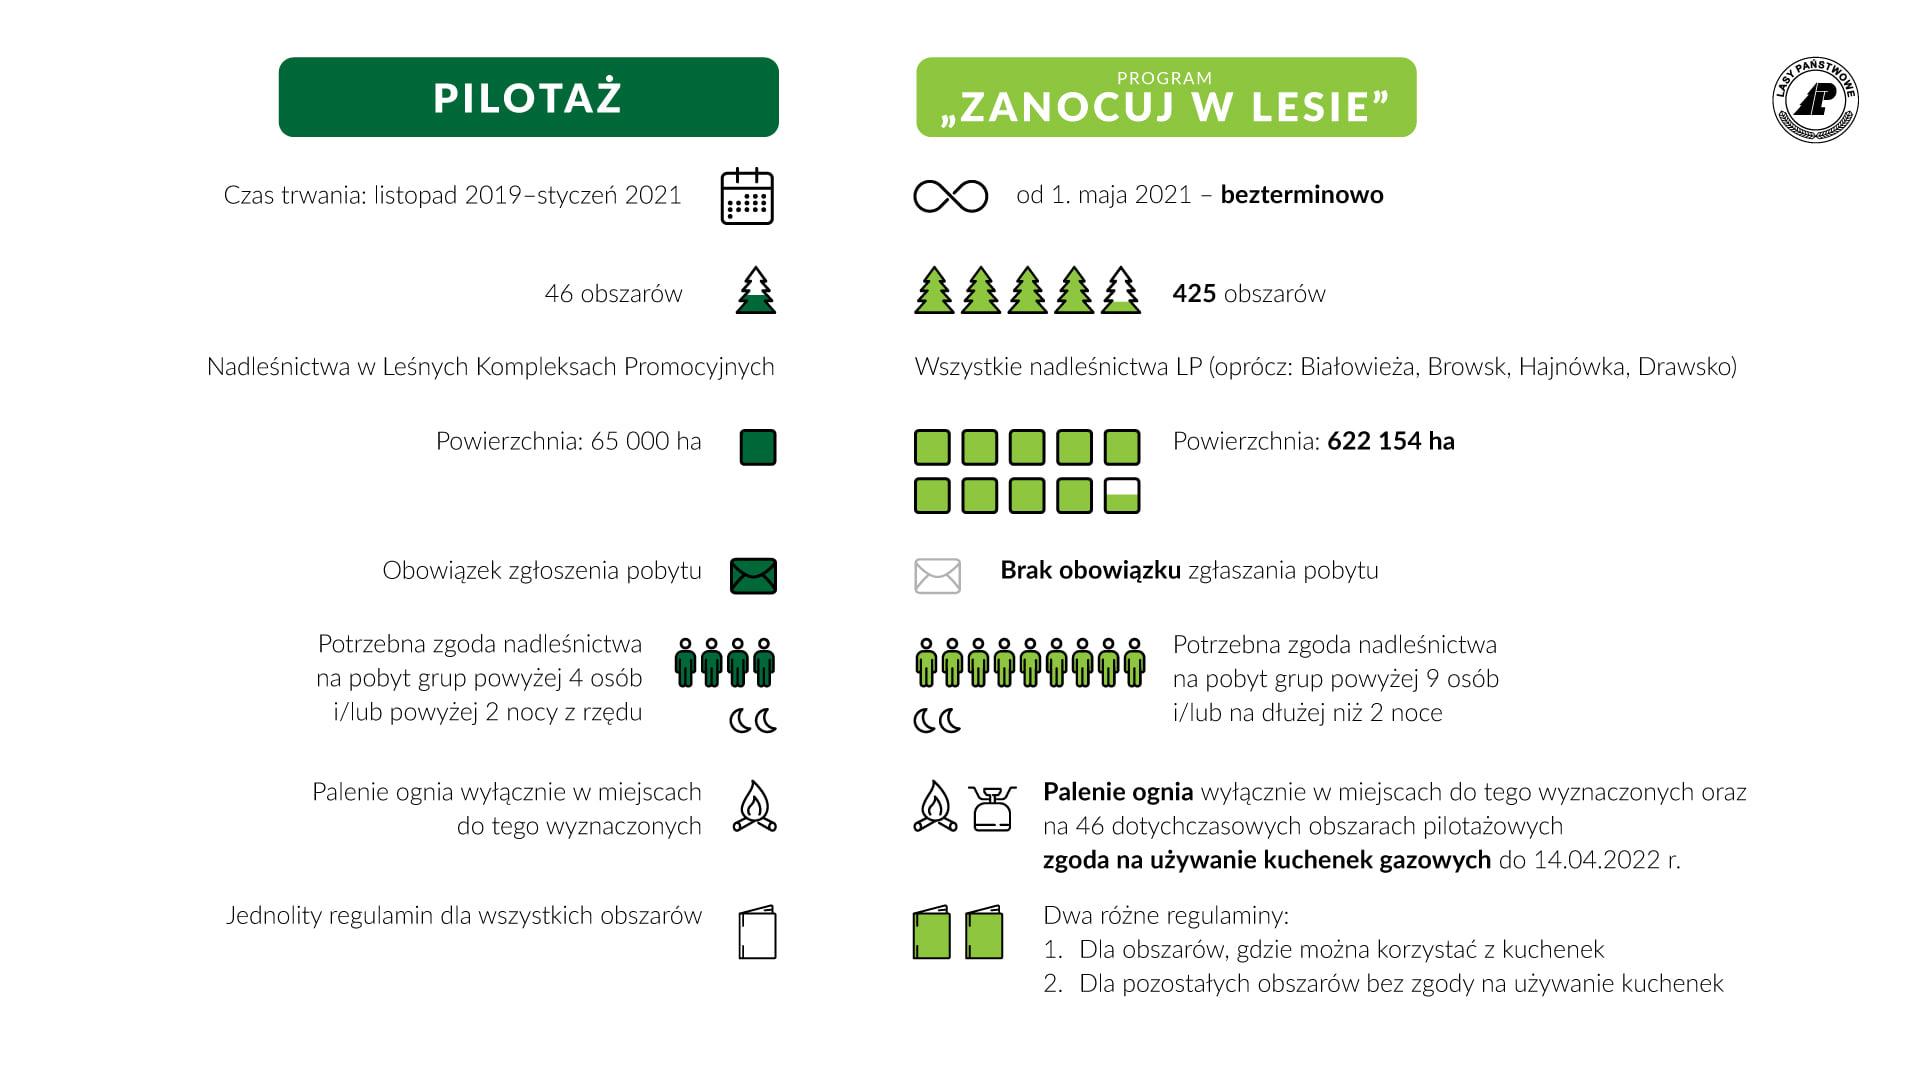 Zanocuj w lesie - infografika. Stowarzyszenie Polska Szkoła Surwiwalu promuje biwalowanie w polskich lasach.